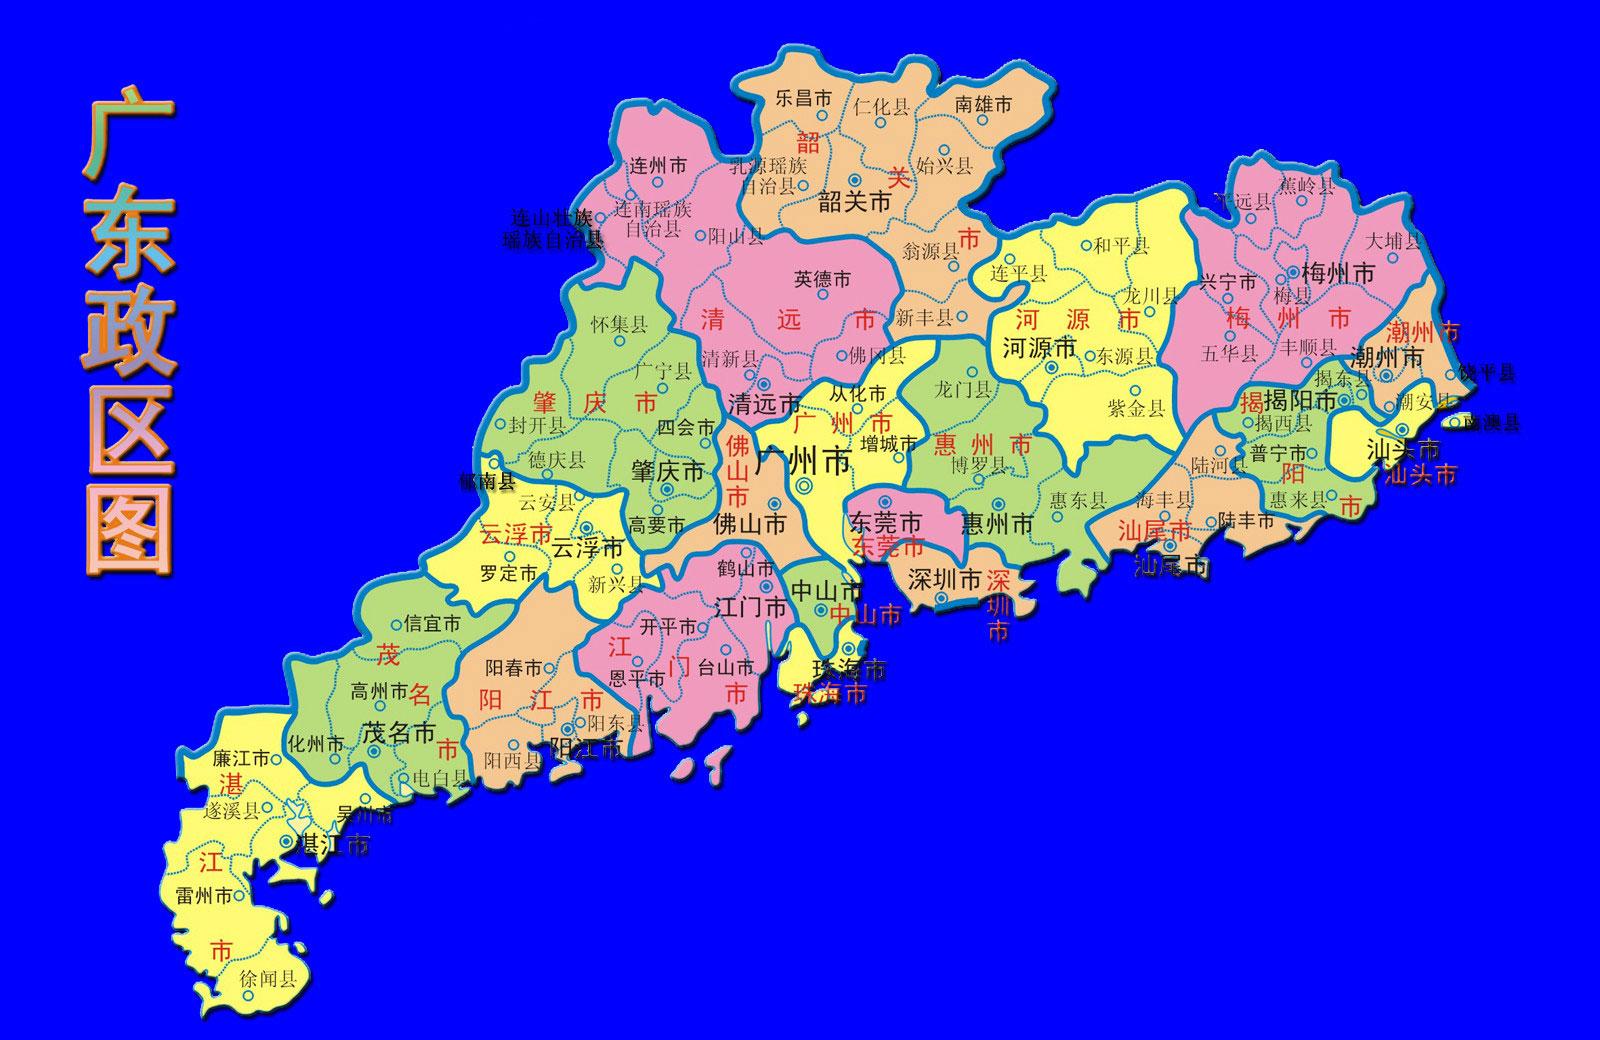 广东省行政区域简图